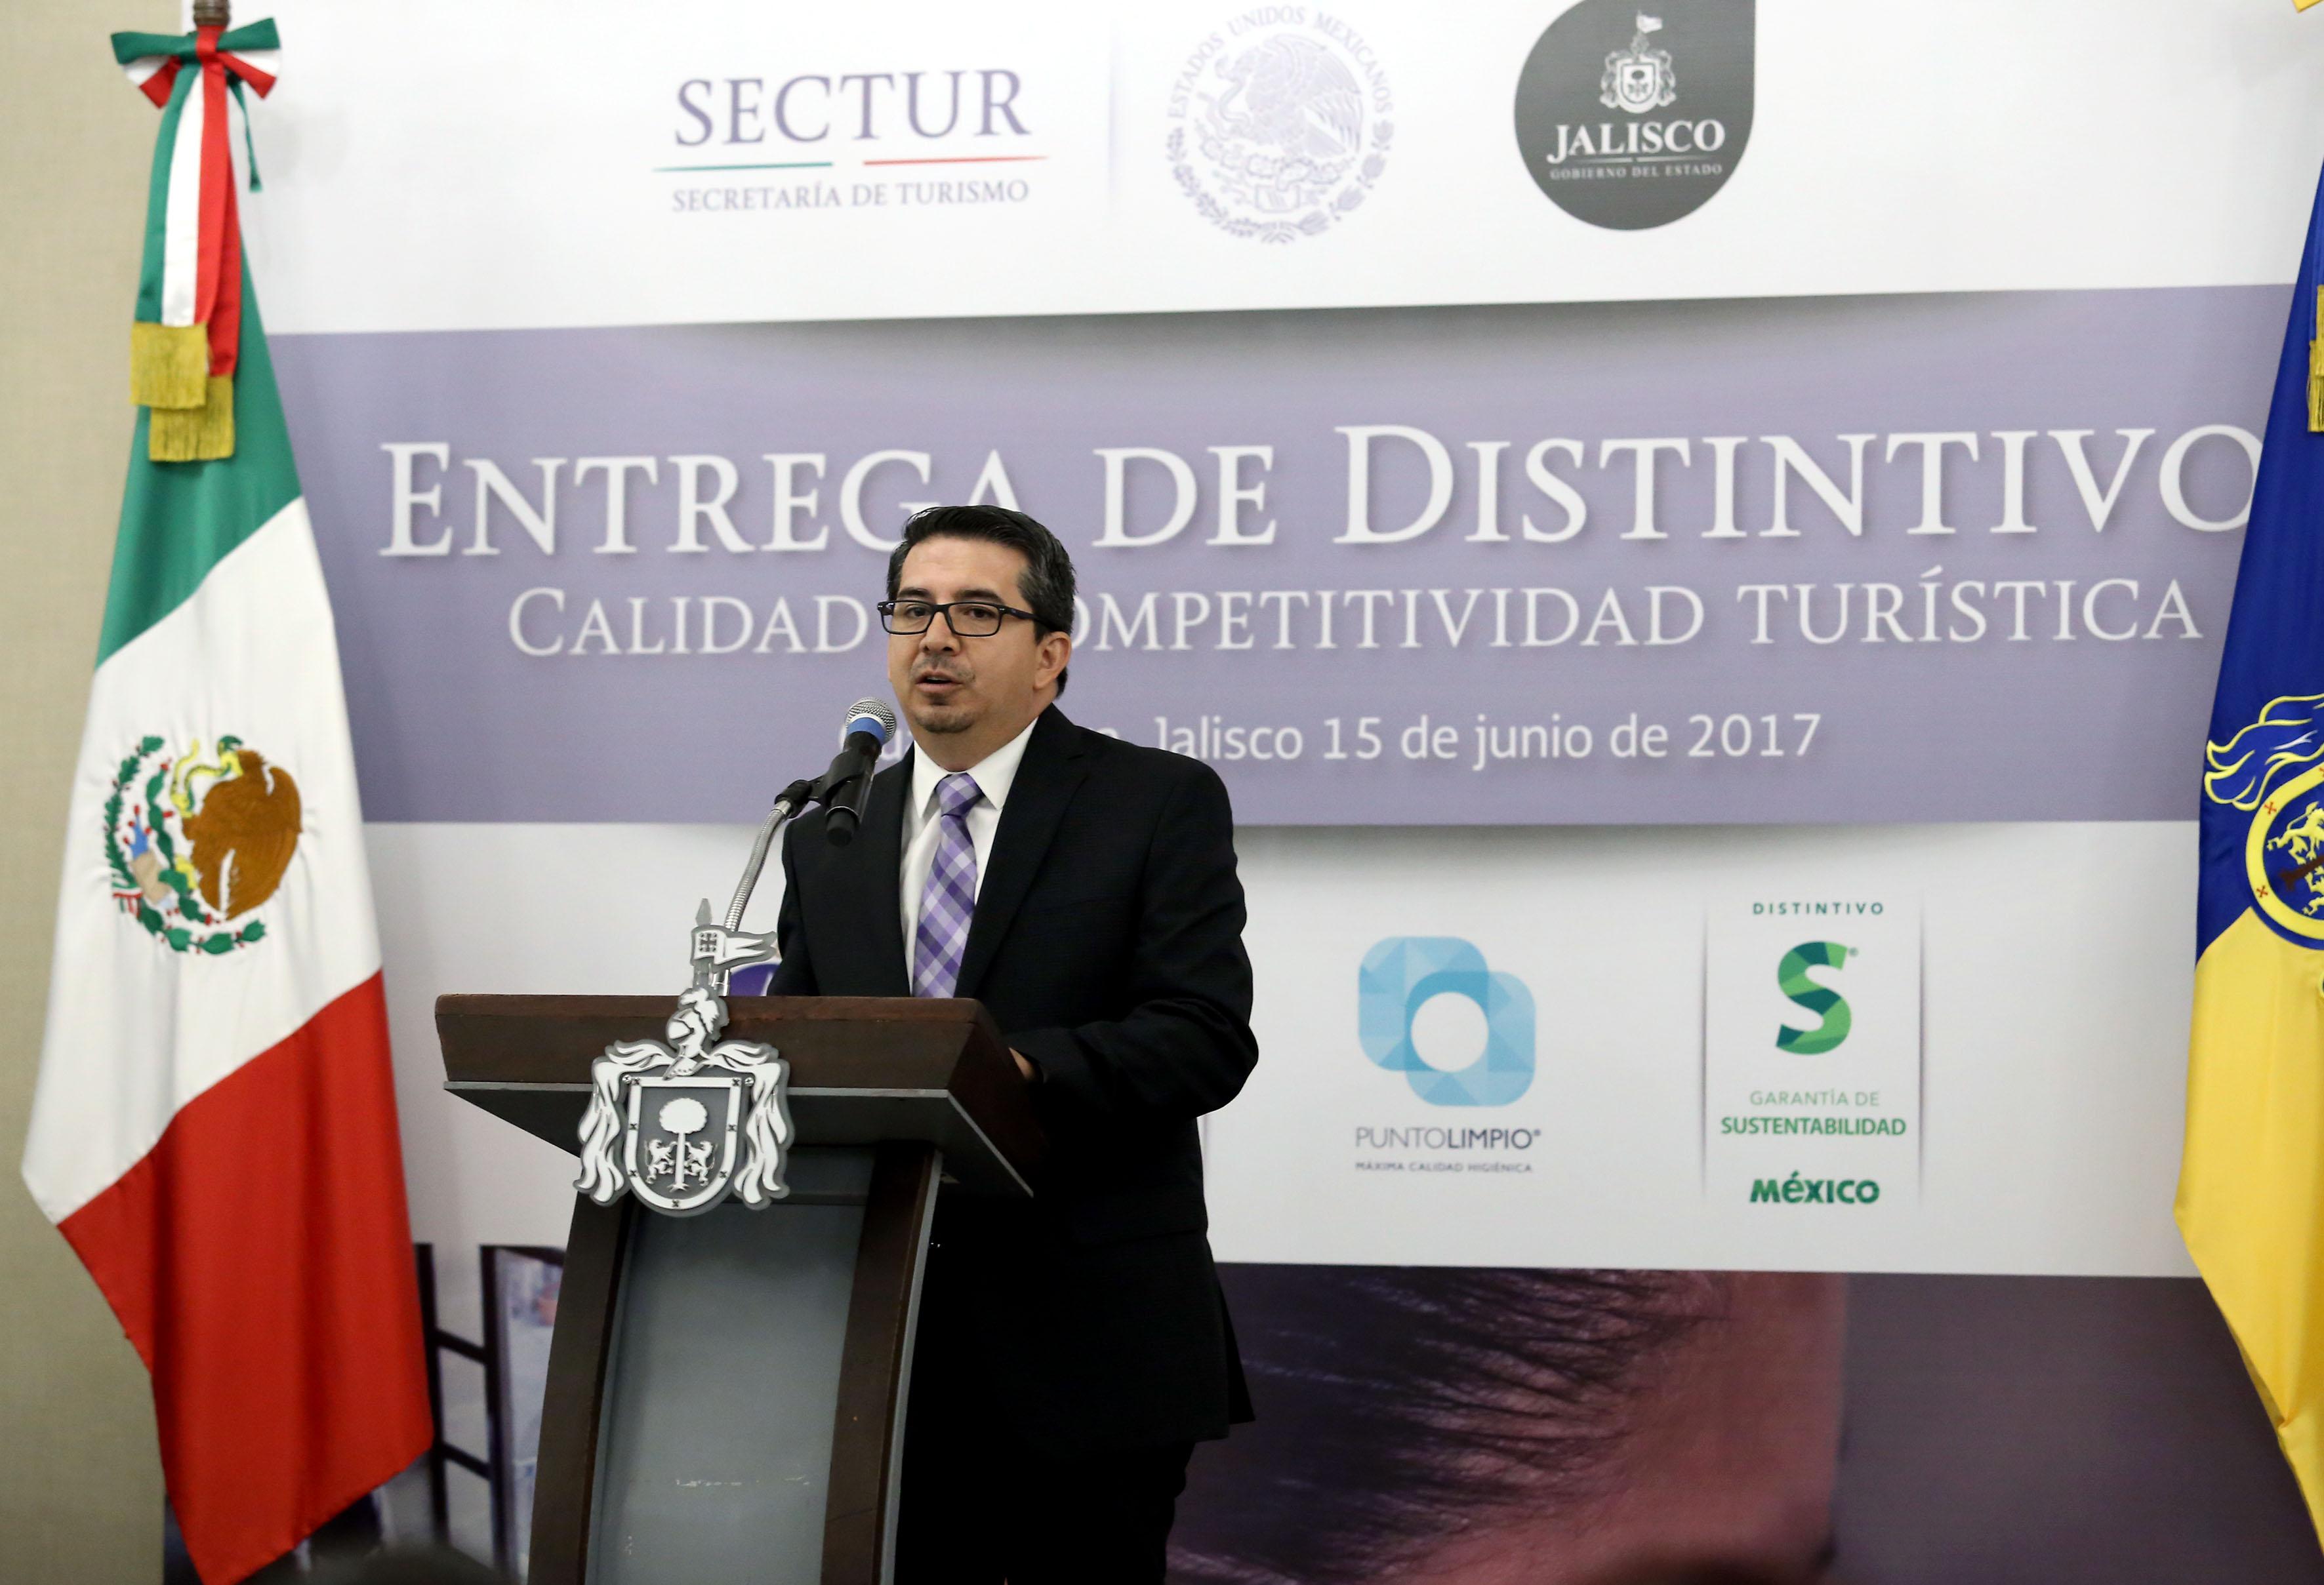 Doctor José Alberto Castellanos Gutiérrez, Rector del Centro Universitario de Ciencias Económico Administrativas (CUCEA), participando en ceremonia de reconocimiento.